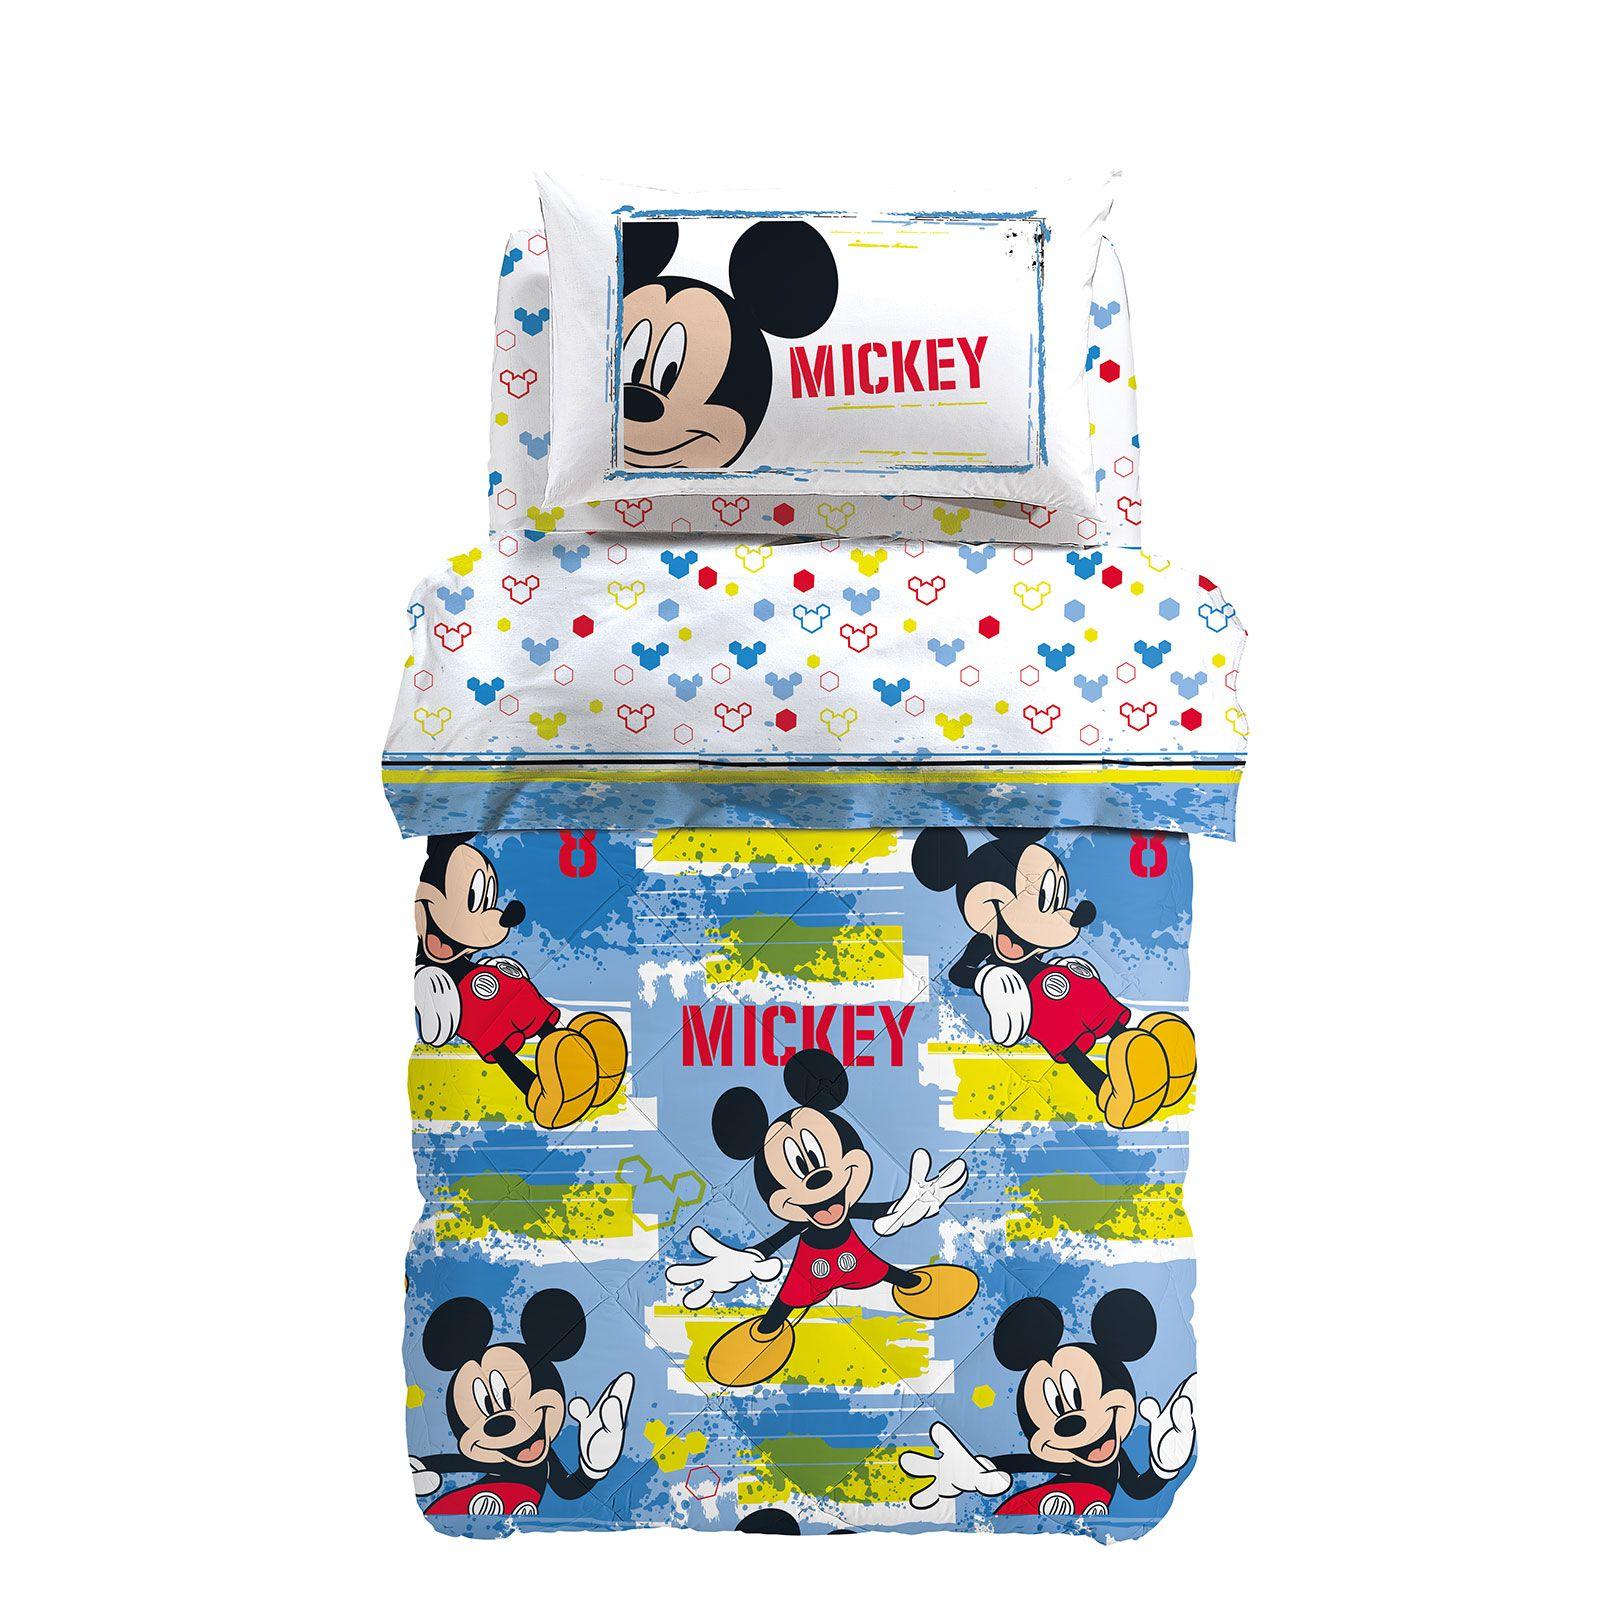 Trapunta Singola Caleffi Disney.Trapunta Singola Caleffi Disney Mickey Avventura Casseri Biancheria